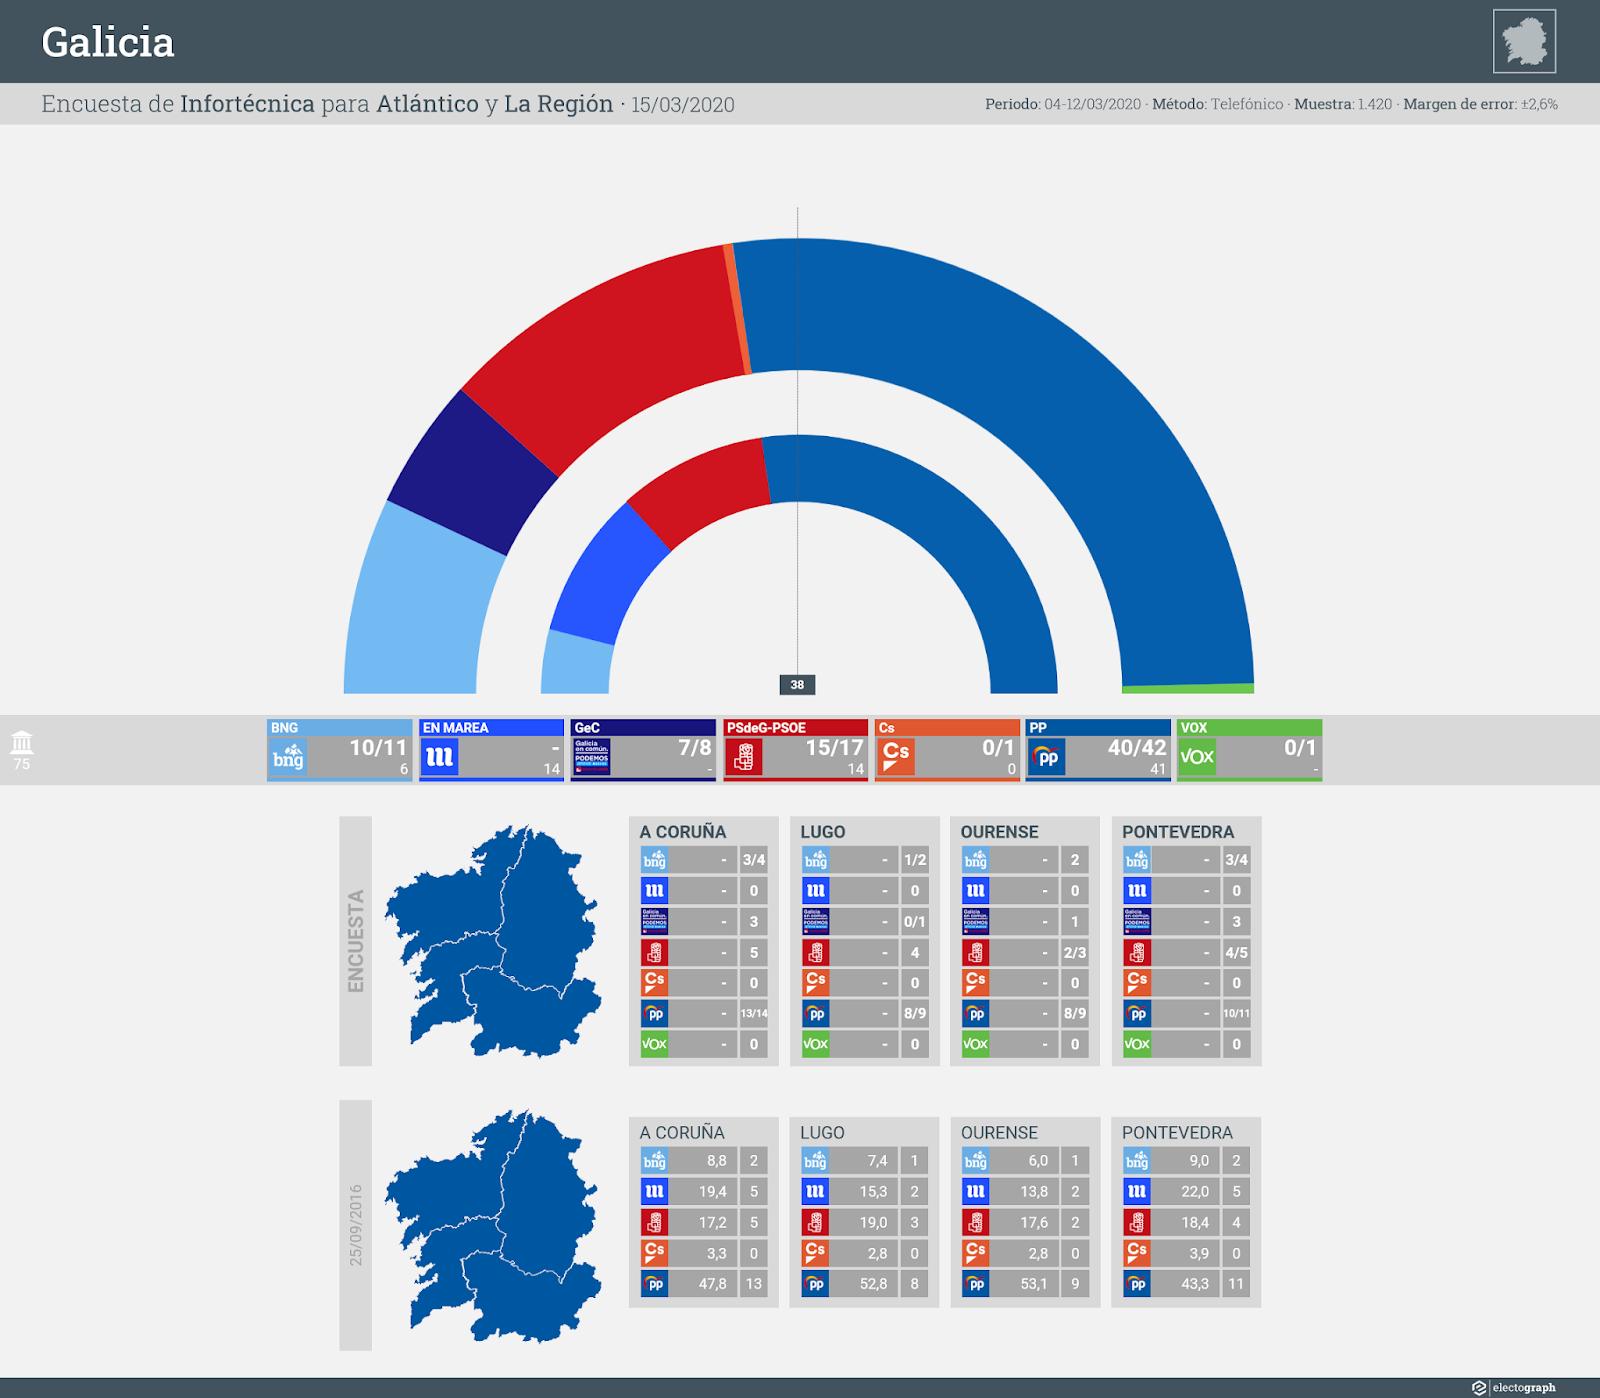 Gráfico de la encuesta para elecciones autonómicas en Galicia realizada por Infortécnica para Atlántico y La Región, 15 de marzo de 2020